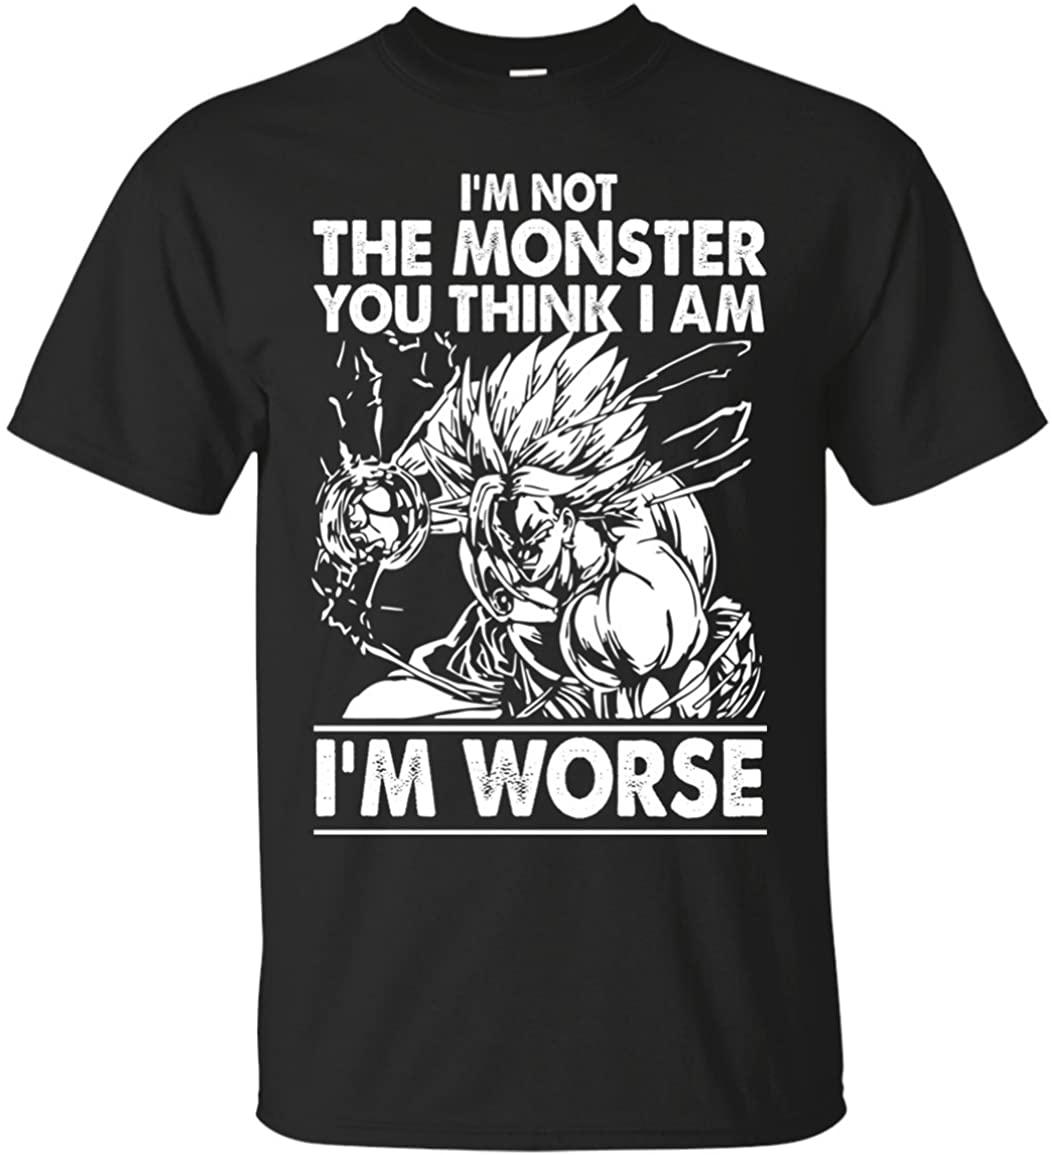 เสื้อยืดแขนสั้นพิมพ์ลาย Dragonball Z Goku And Vegeta สําหรับผู้ชาย